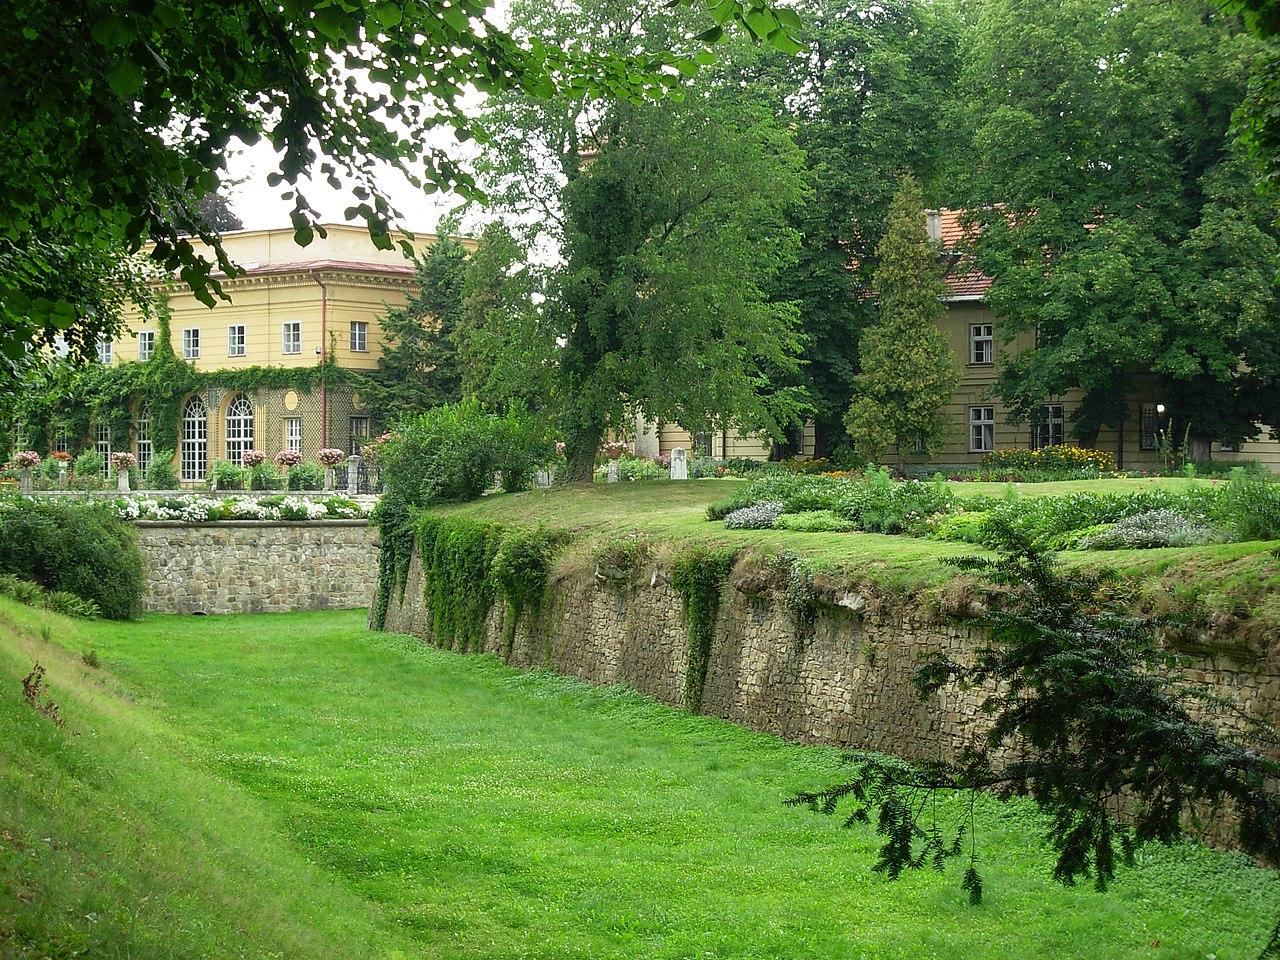 Ланьцутский дворец - moat.JPG